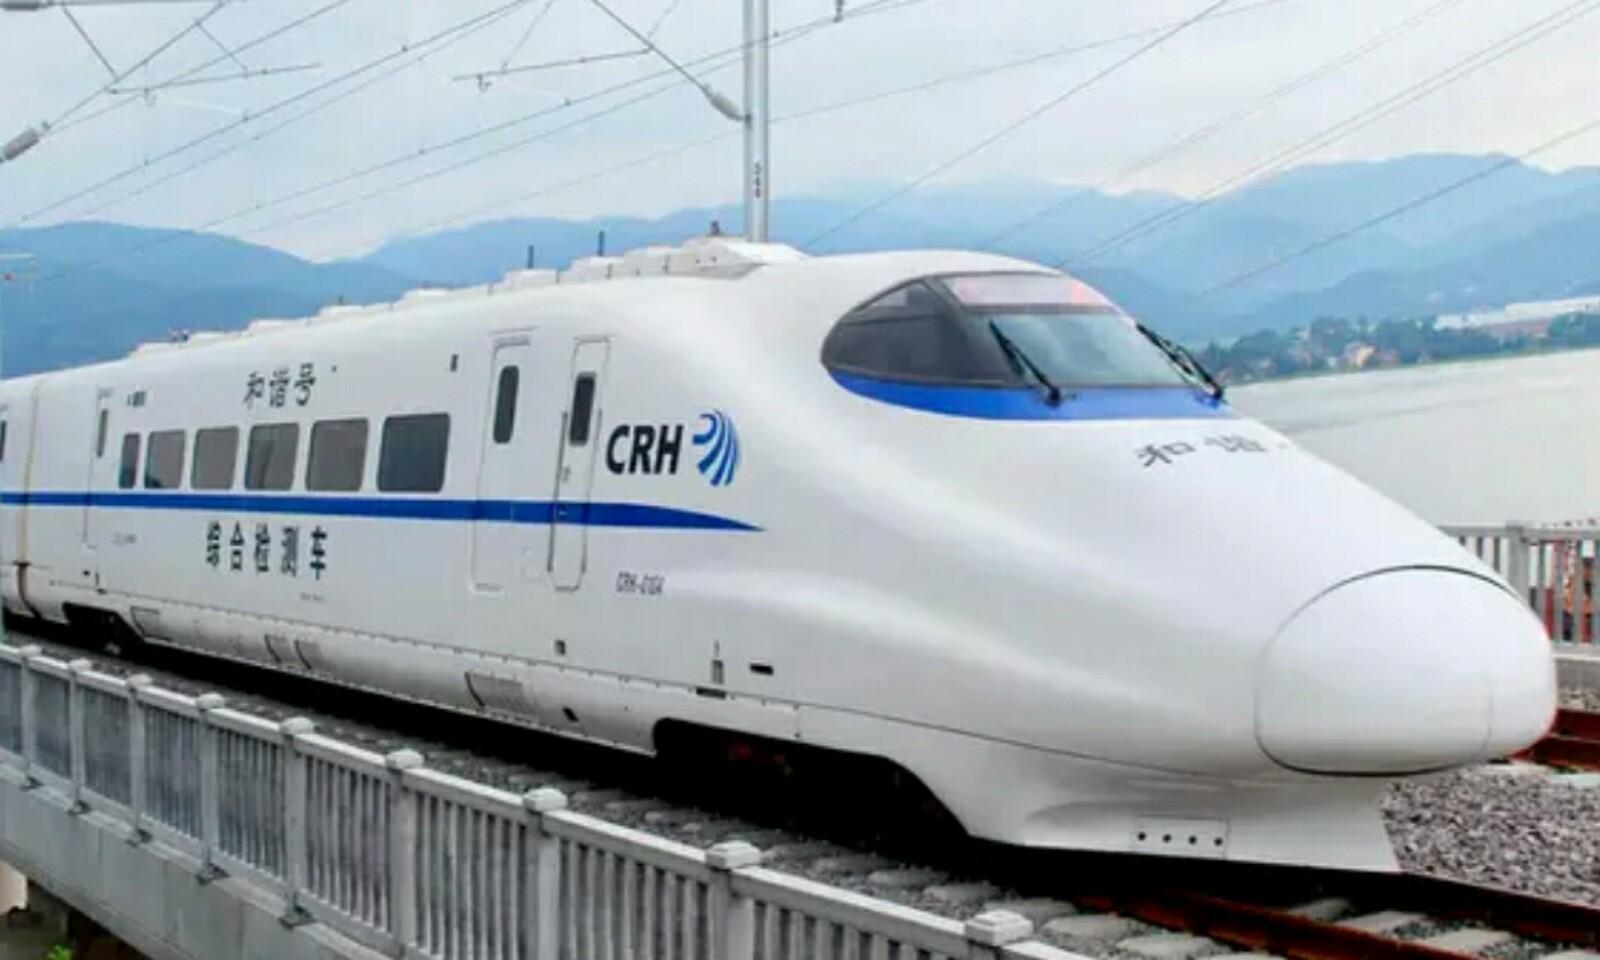 浙江将要修建一座新高铁站,